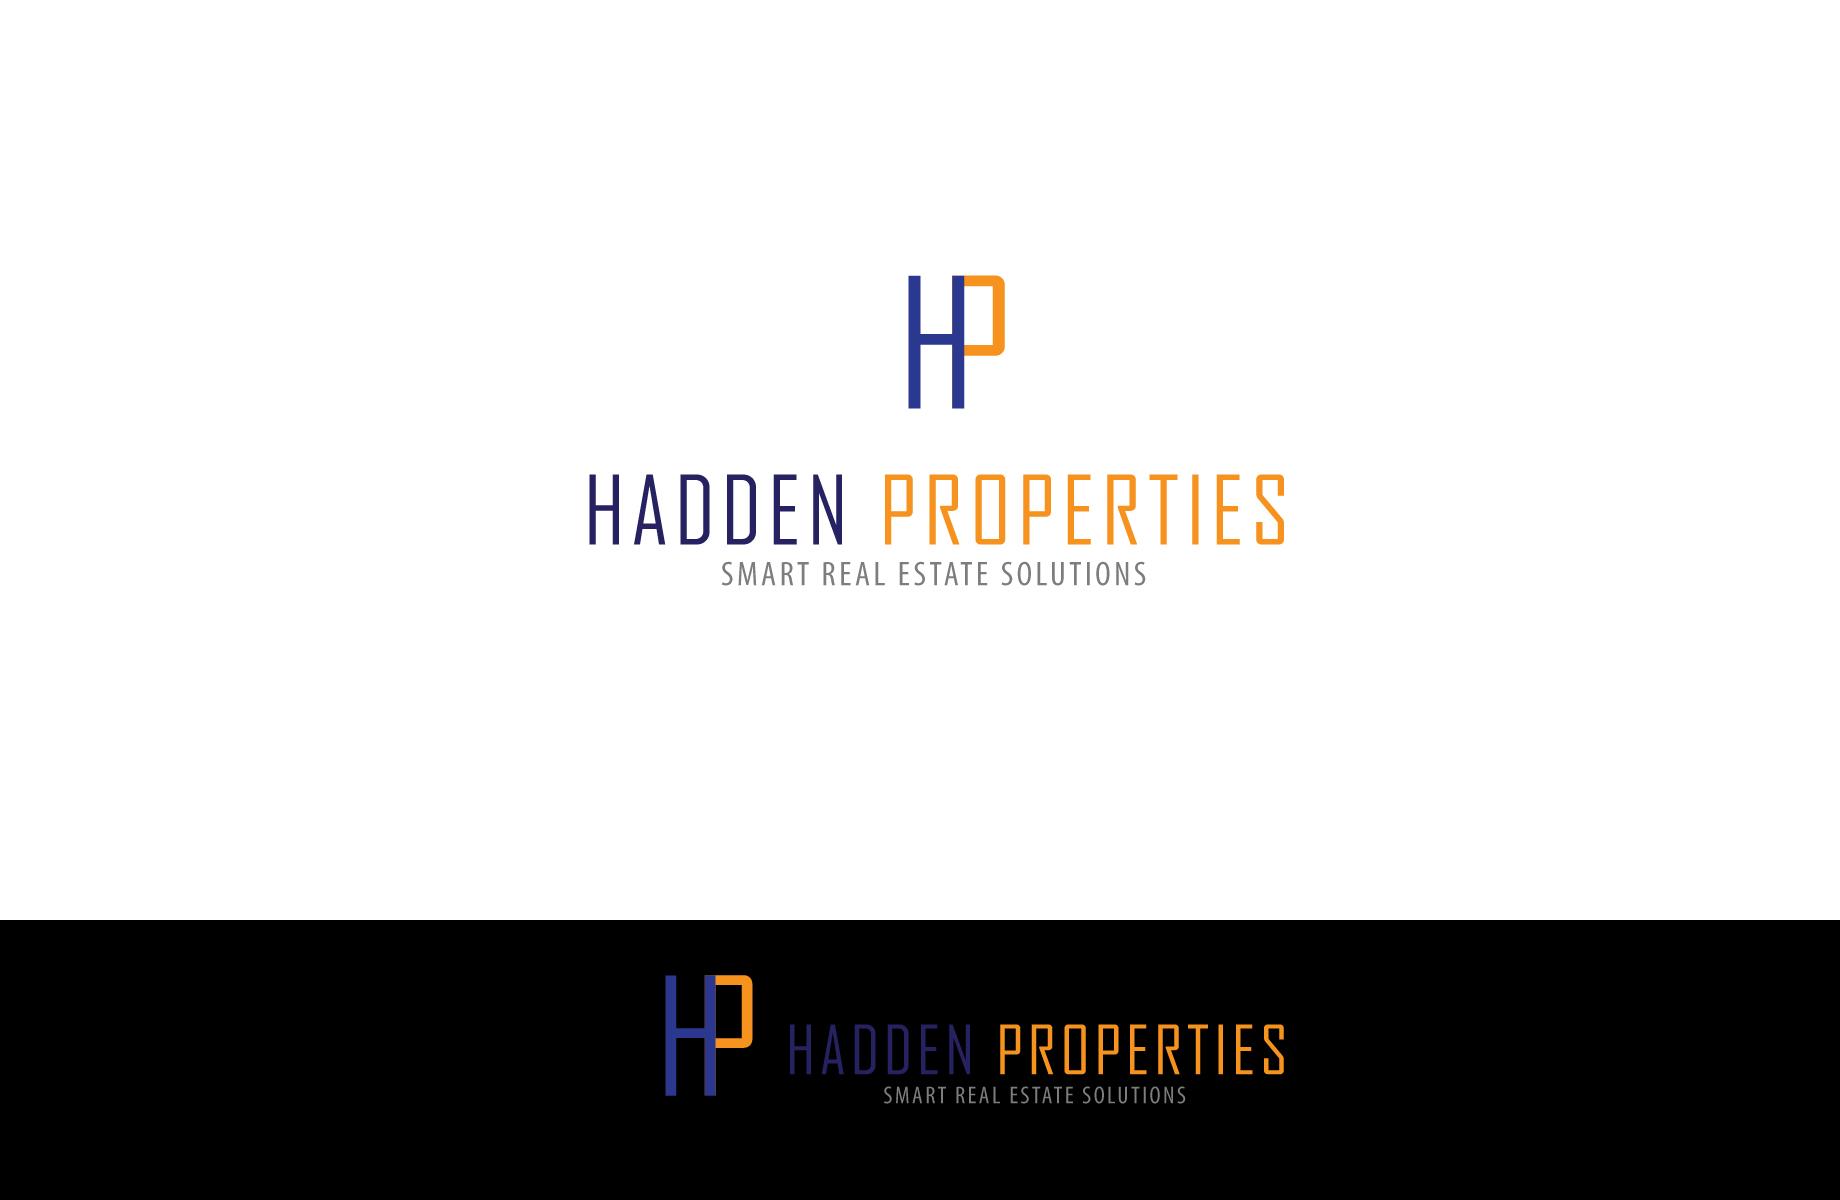 Logo Design by Jan Chua - Entry No. 35 in the Logo Design Contest Artistic Logo Design for Hadden Properties.